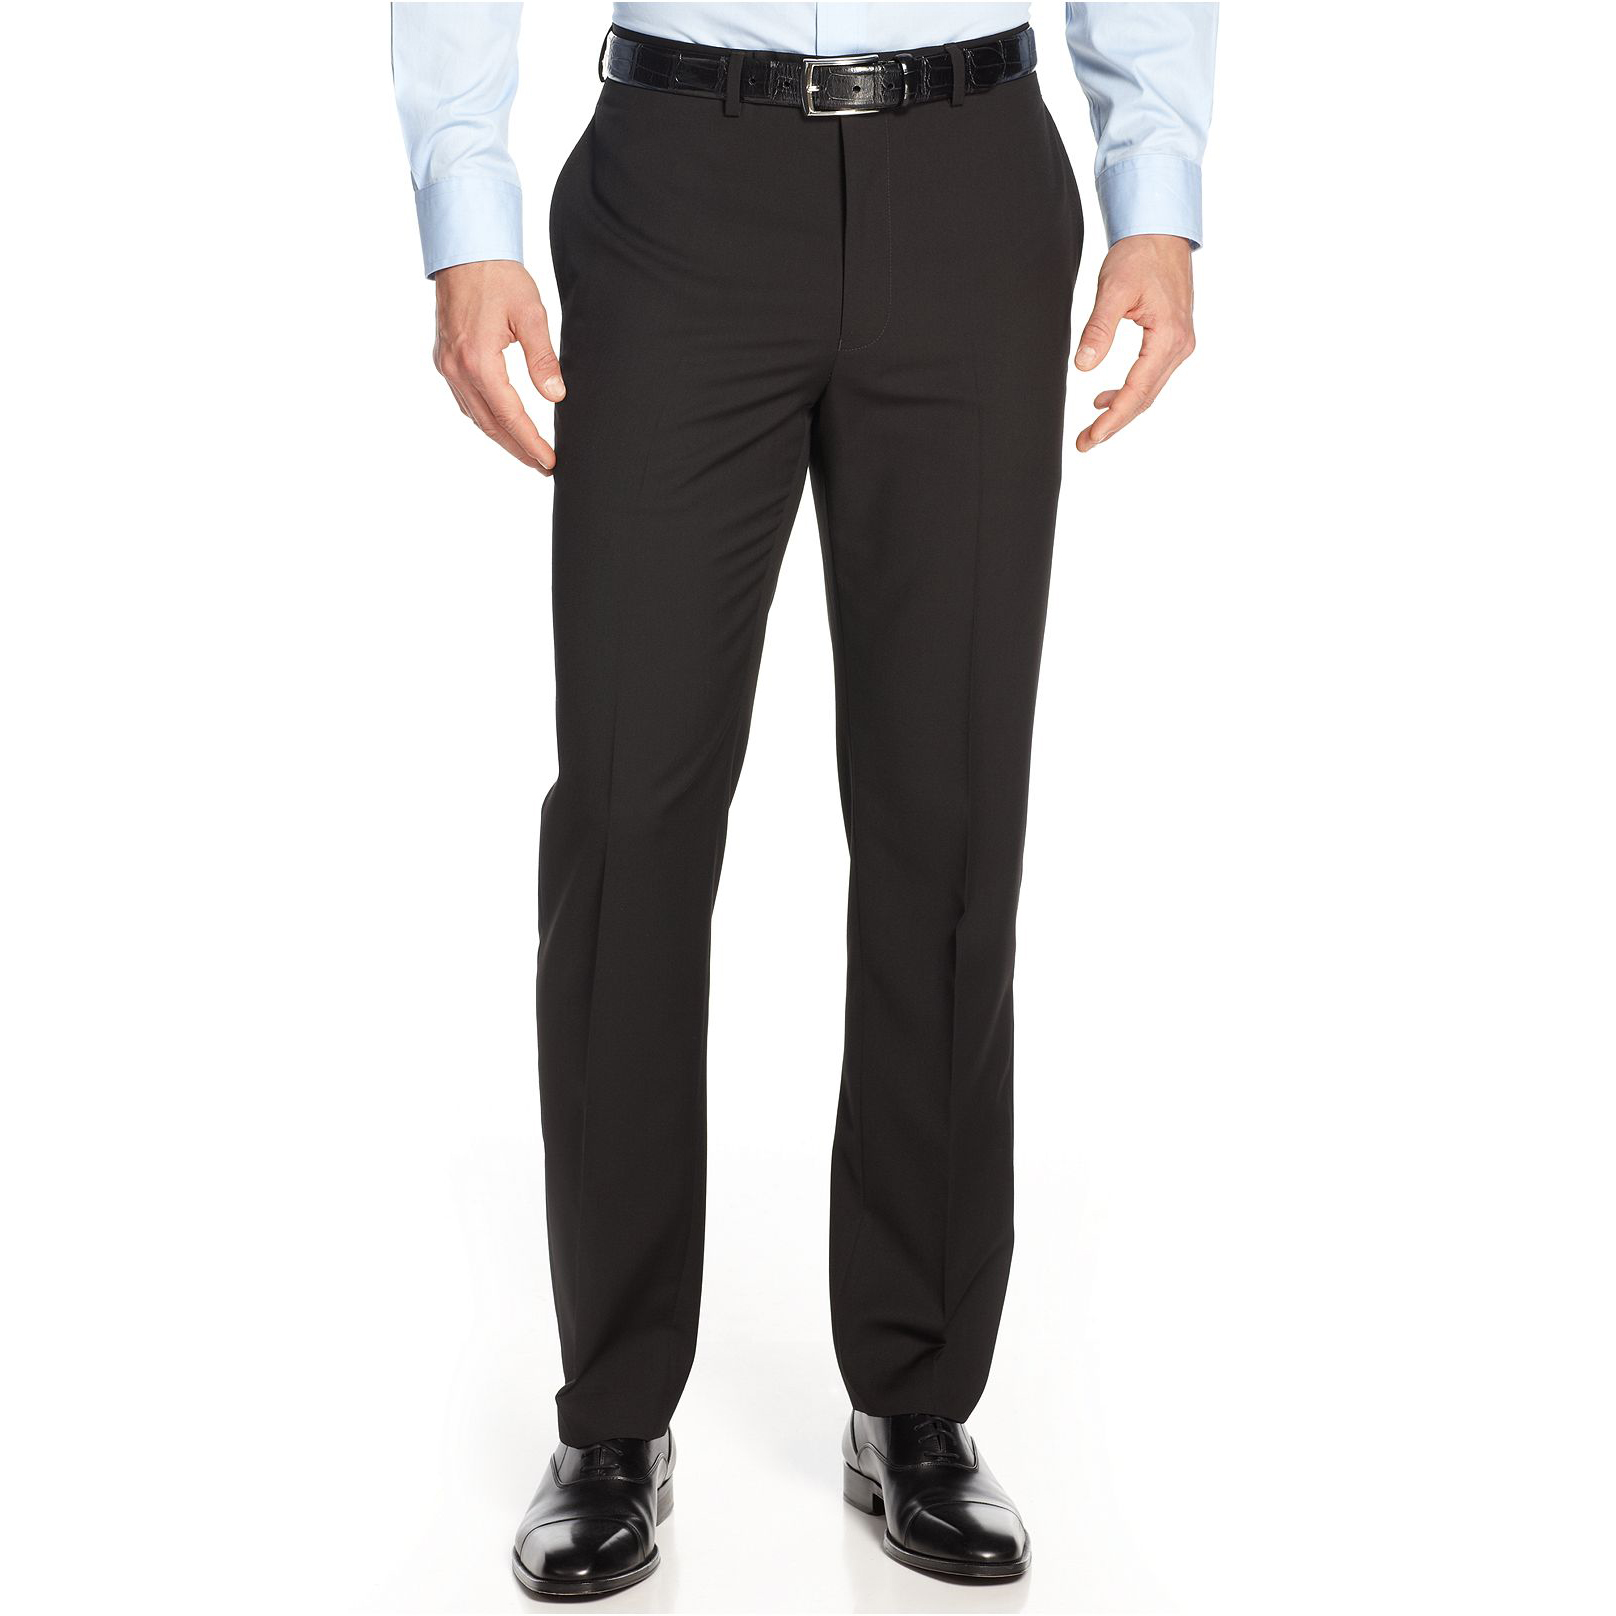 美國百分百【Calvin Klein】CK 長褲 西裝褲 直筒褲 上班 休閒 合身 窄 黑 30 32 33 34 36腰 E216